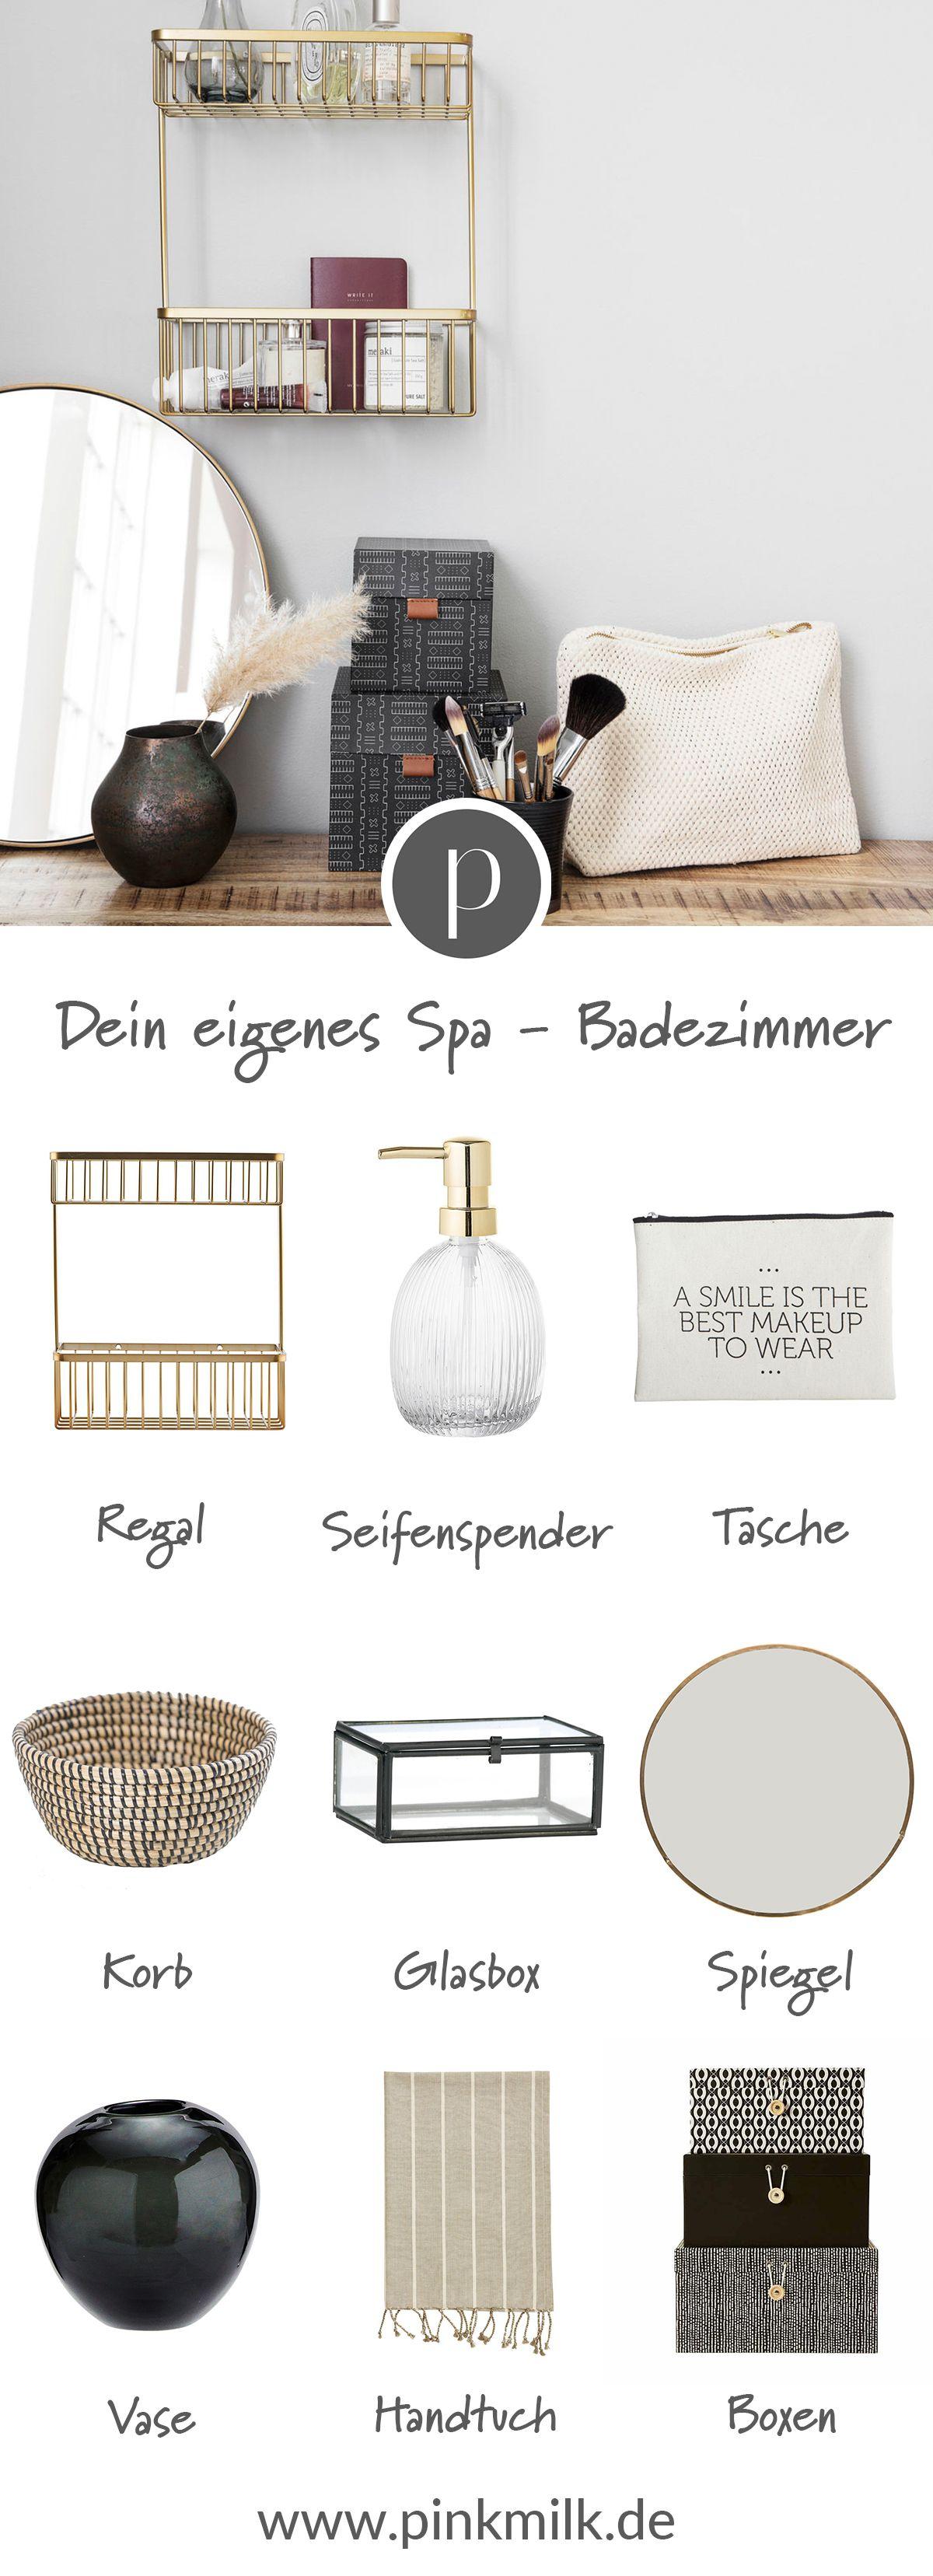 Spa wie badezimmer ideen bei uns im shop findest du tolle produkte für dein badezimmer von